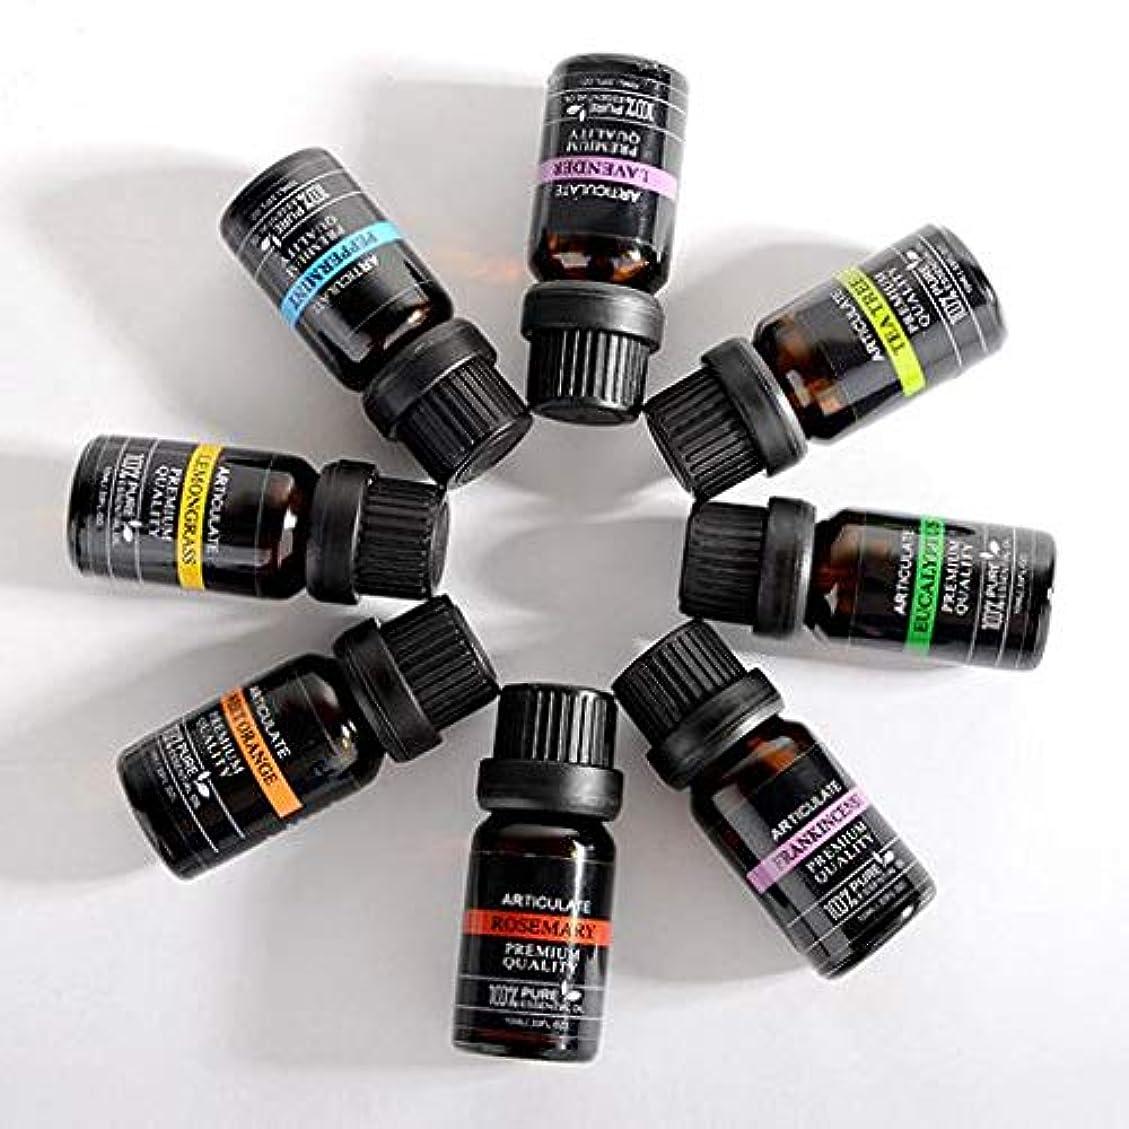 カスタム呼ぶティームLioncorek エッセンシャルオイル オイル アロマオイル 精油 水溶性 ナチュラル フレグランス 100%純粋 有機植物 加湿器用 8種の香りセット